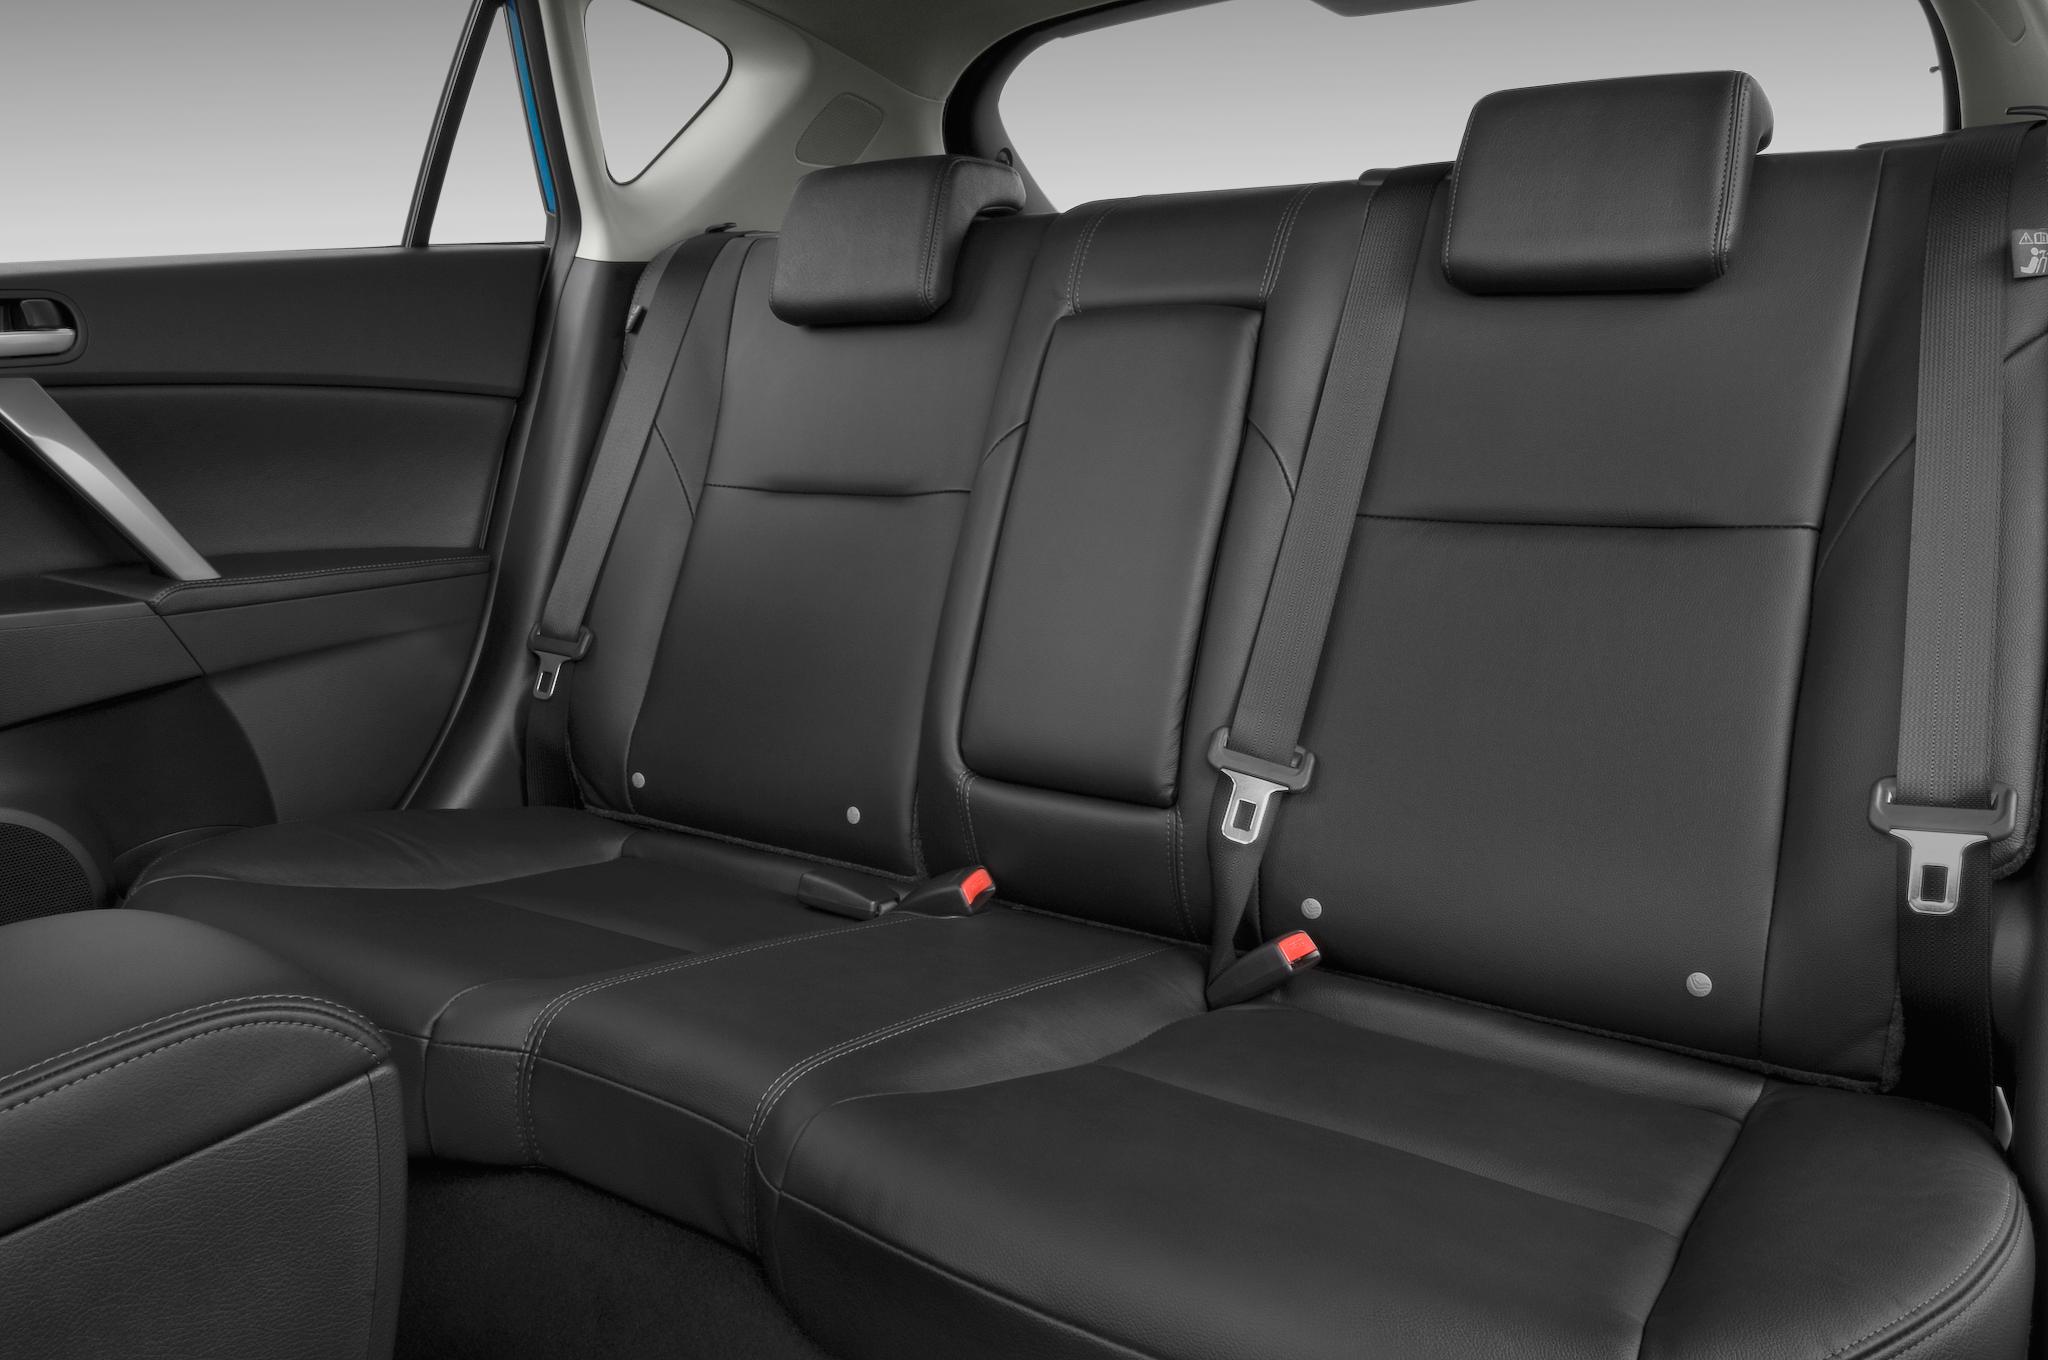 2010 Mazda 3 5 Door Grand Touring Mazda 5 Door Hatchback Review